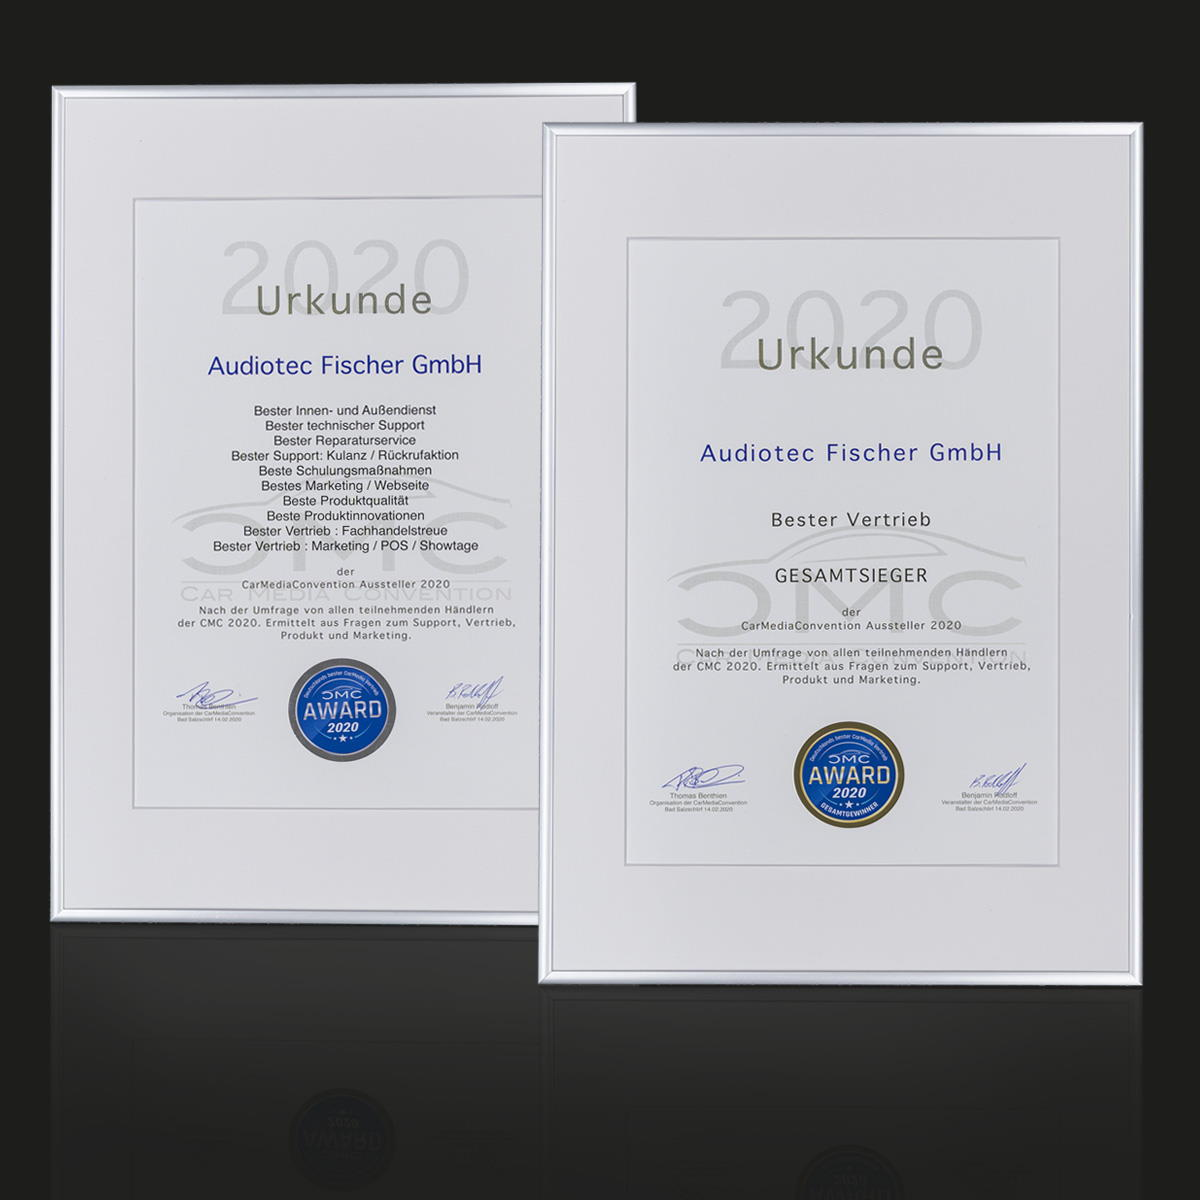 CMC-Award-2020-Urkunde-10-pagespeed-ce-psXrJ3DxQt